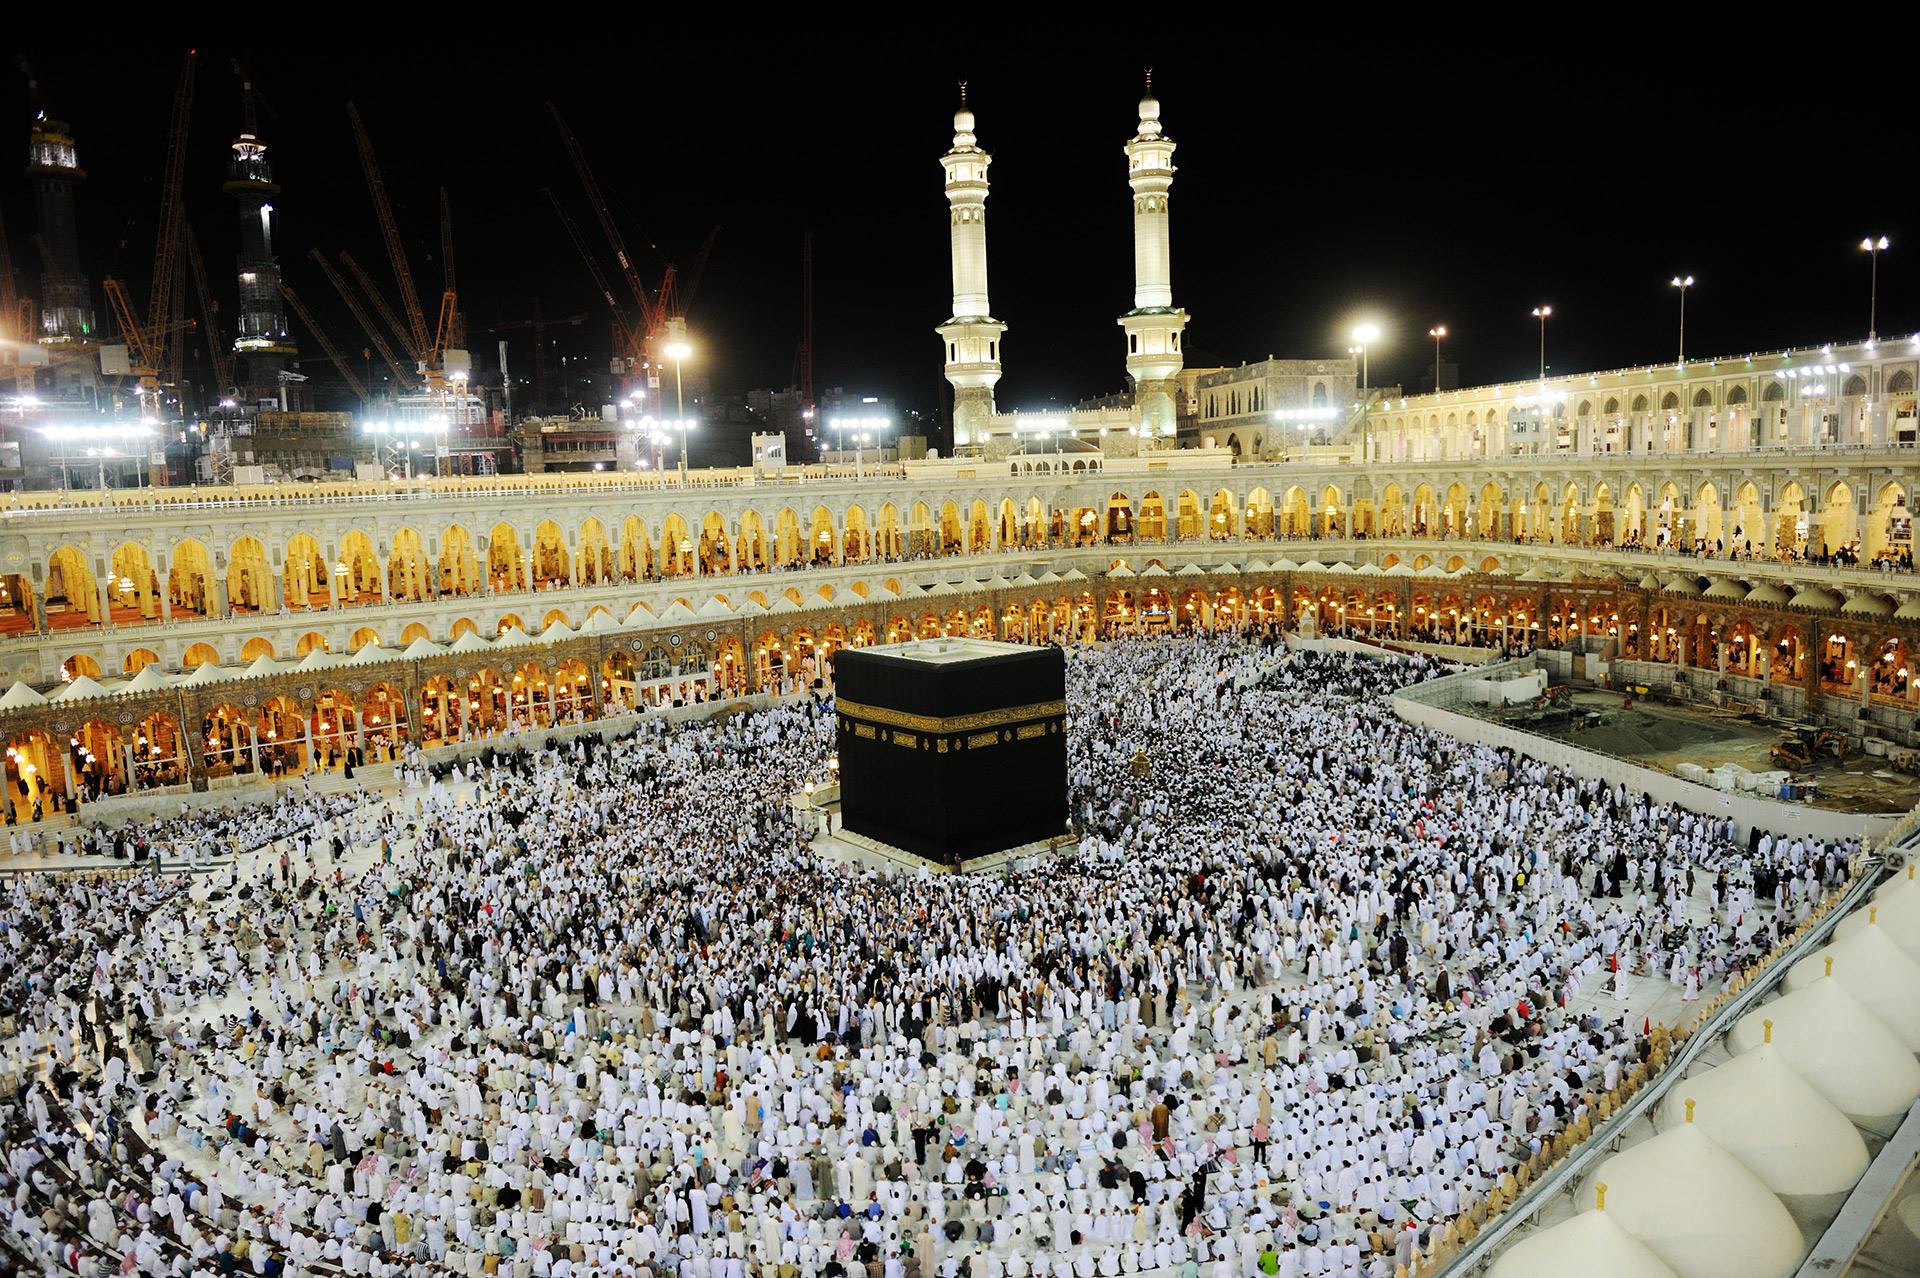 Yoluna gücü yetenlerin Kabe'ye gelerek haccetmeleri, insanlar üzerinde Allah'ın bir hakkıdır.